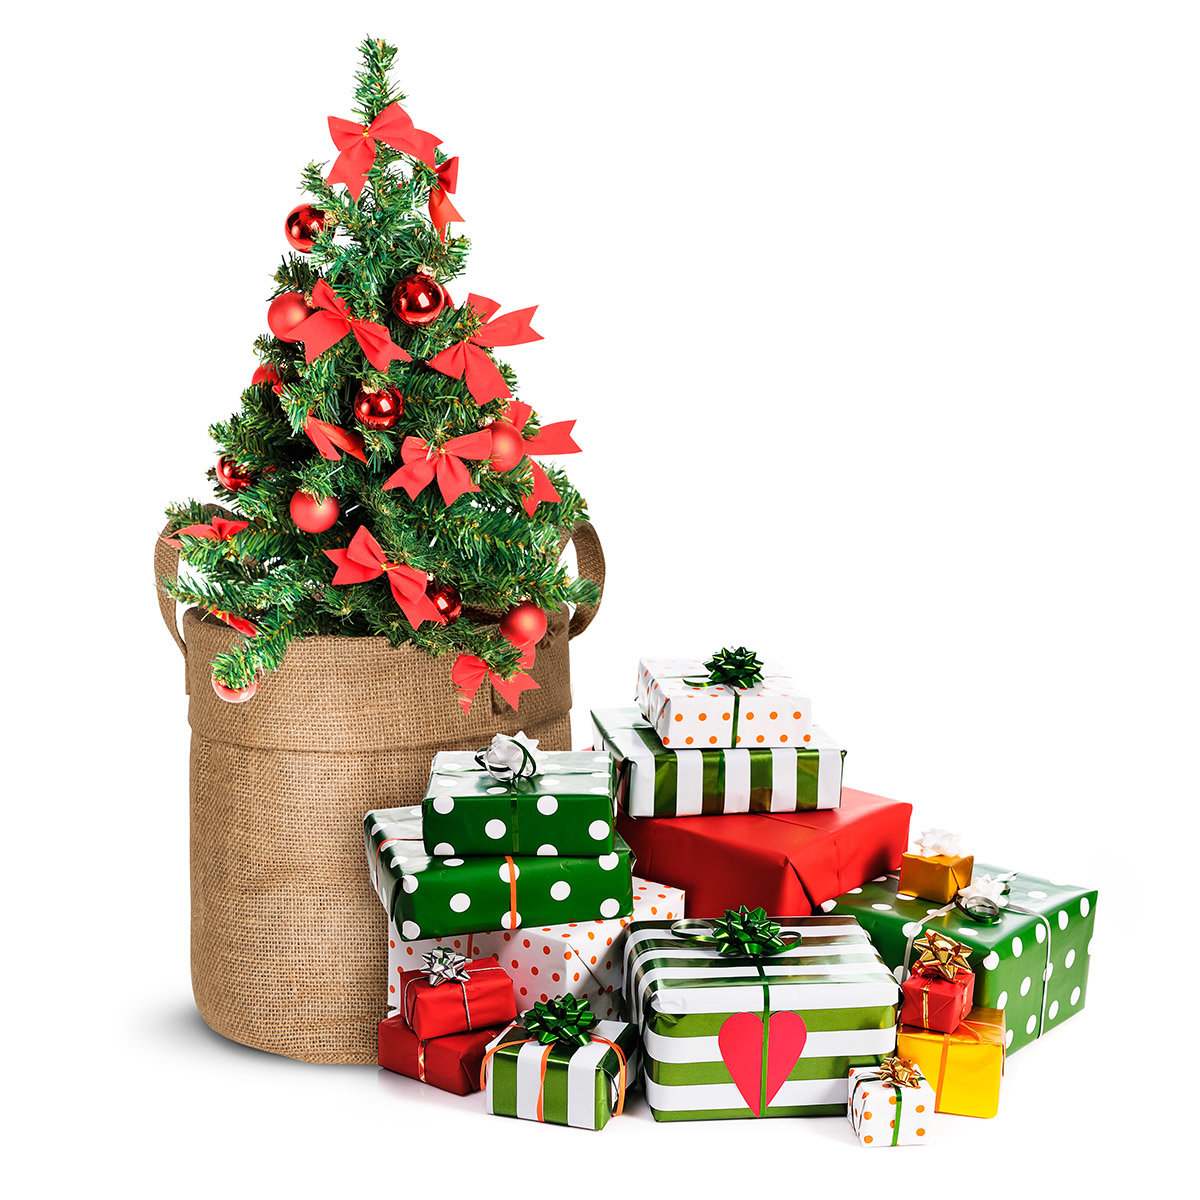 Weihnachtsbäumchen Saatgut im Jute-Anzuchtbeutel, inkl. 6 Liter Erde und Weihnachtskarte | #6